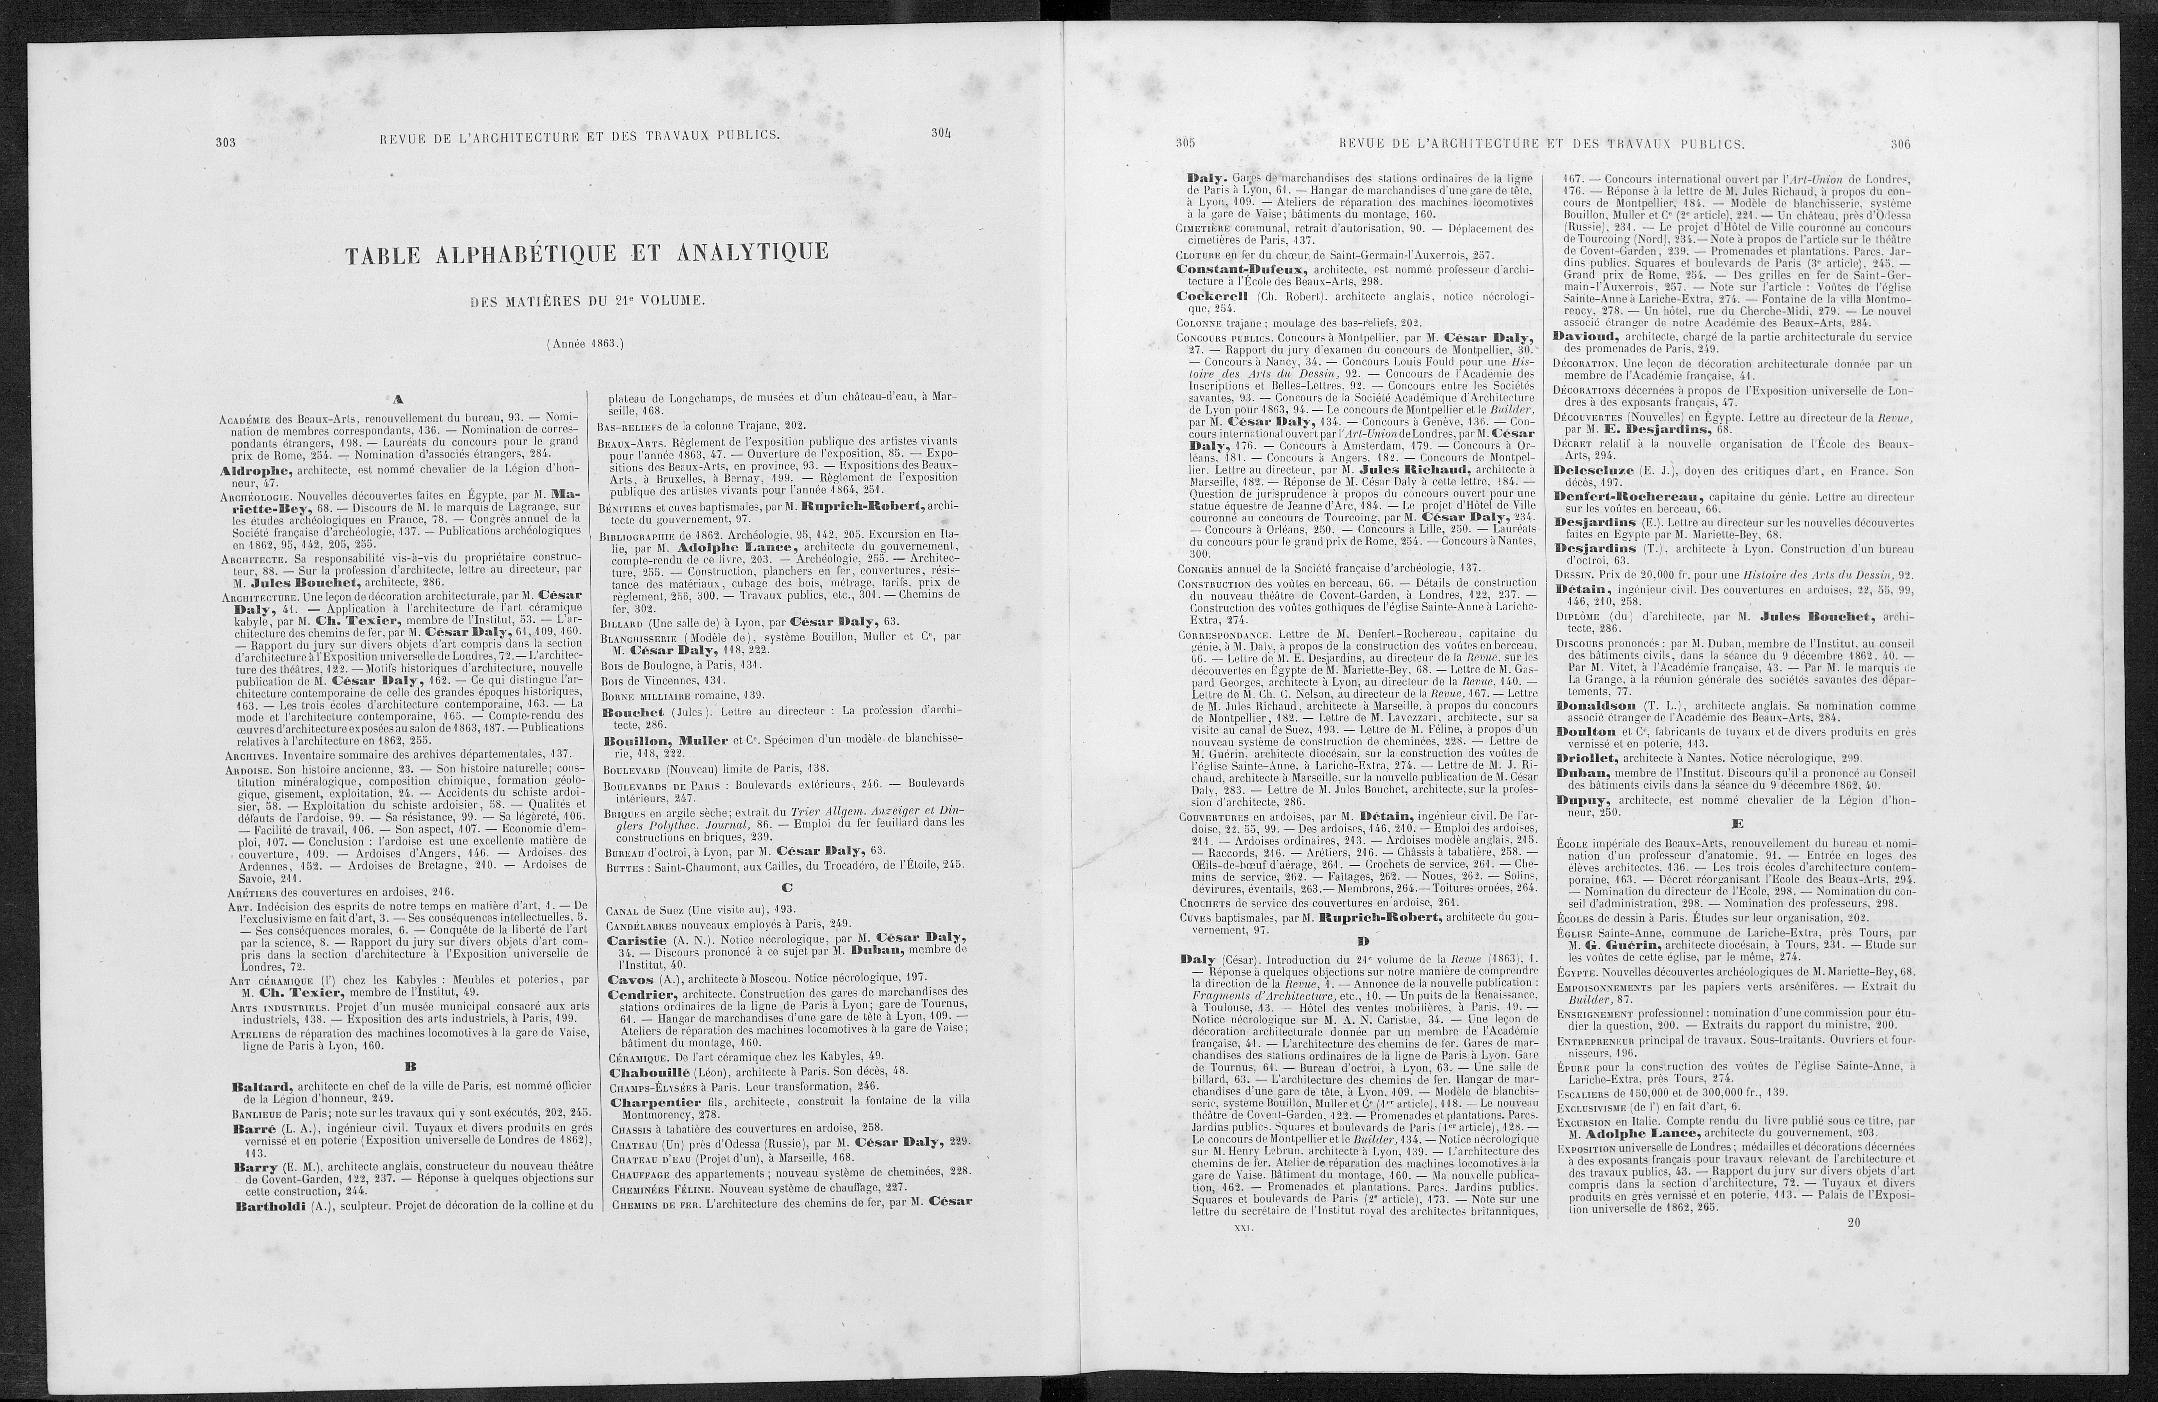 La revue générale de l'architecture, Index, 1863 |